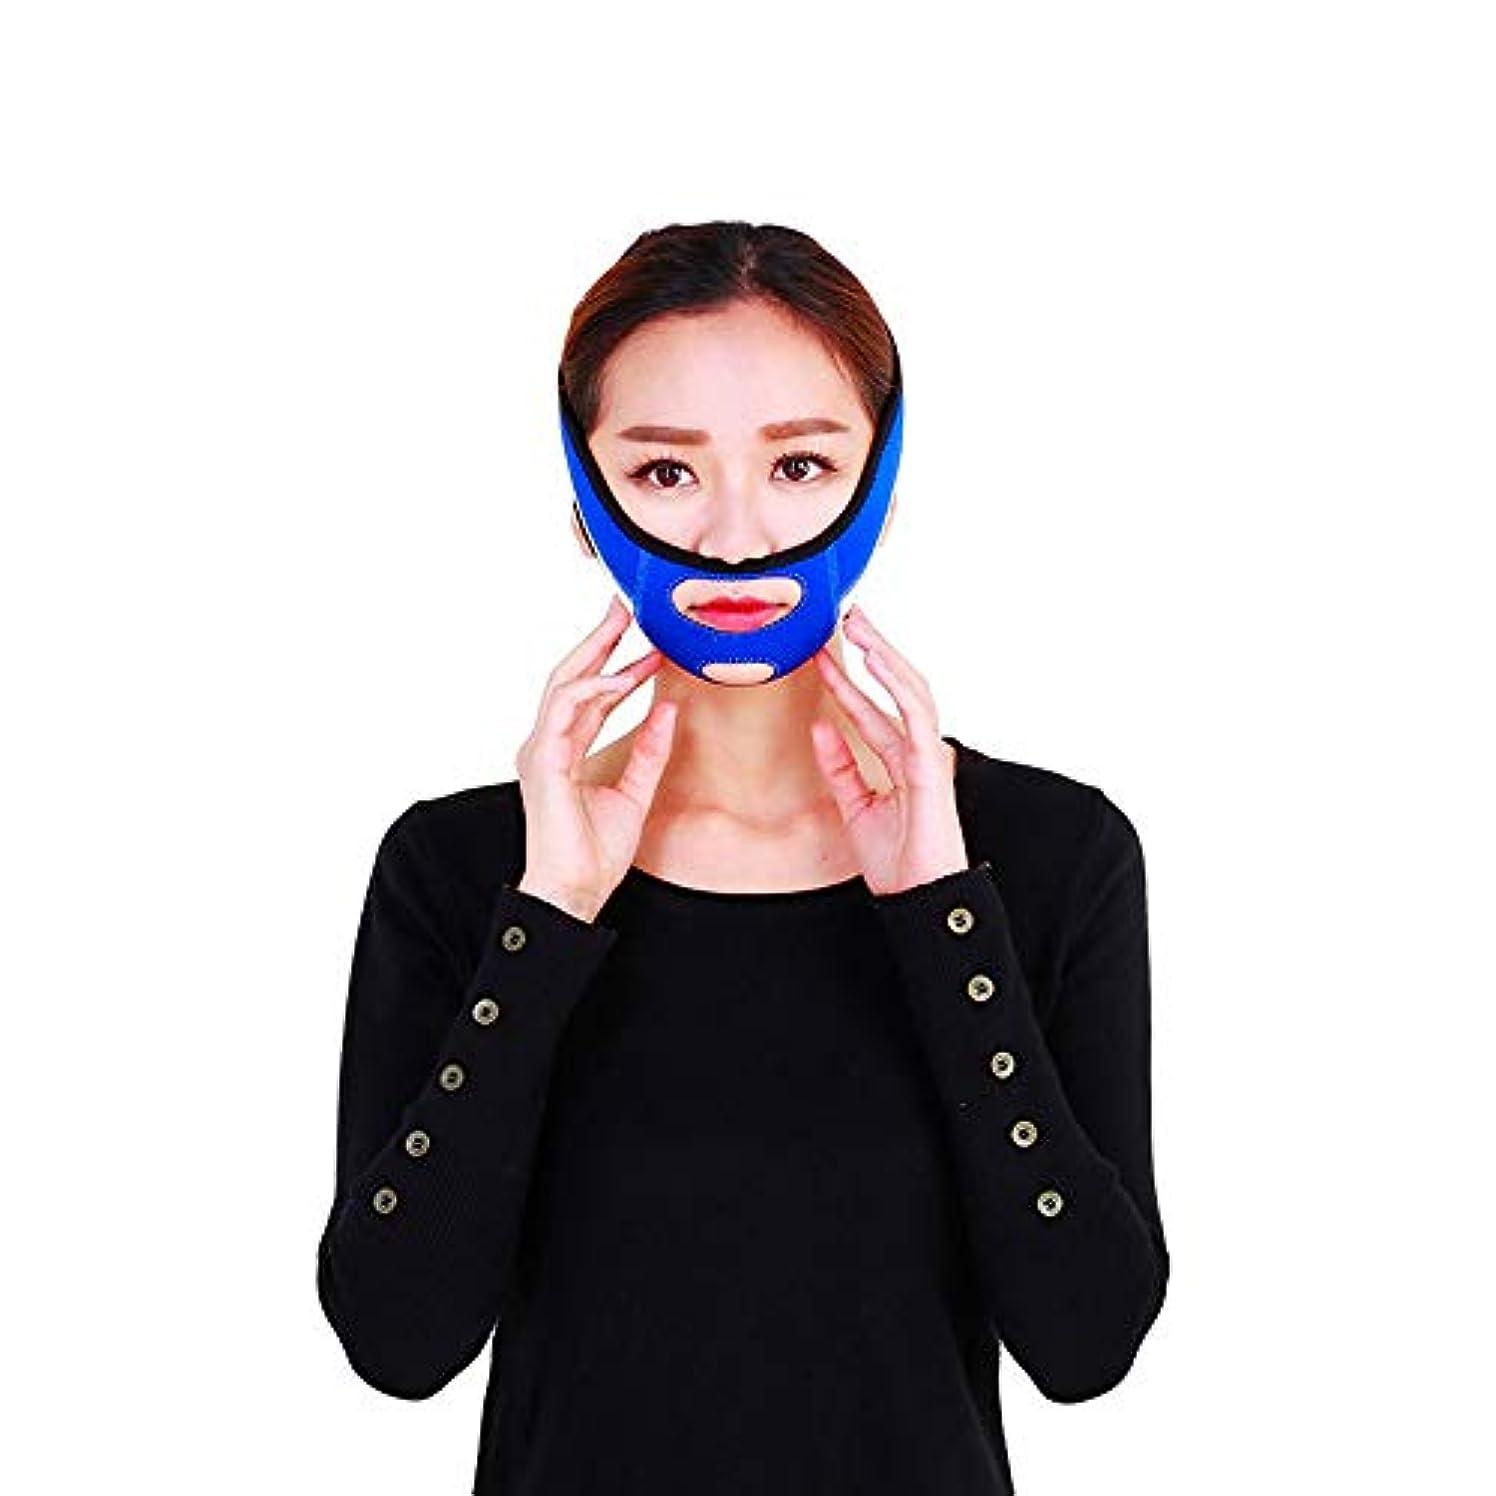 巡礼者着陸上にBS フェイシャルリフティング痩身ベルトフェーススリム二重あごを取り除くアンチエイジングリンクルフェイス包帯マスク整形マスクが顔を引き締める フェイスリフティングアーティファクト